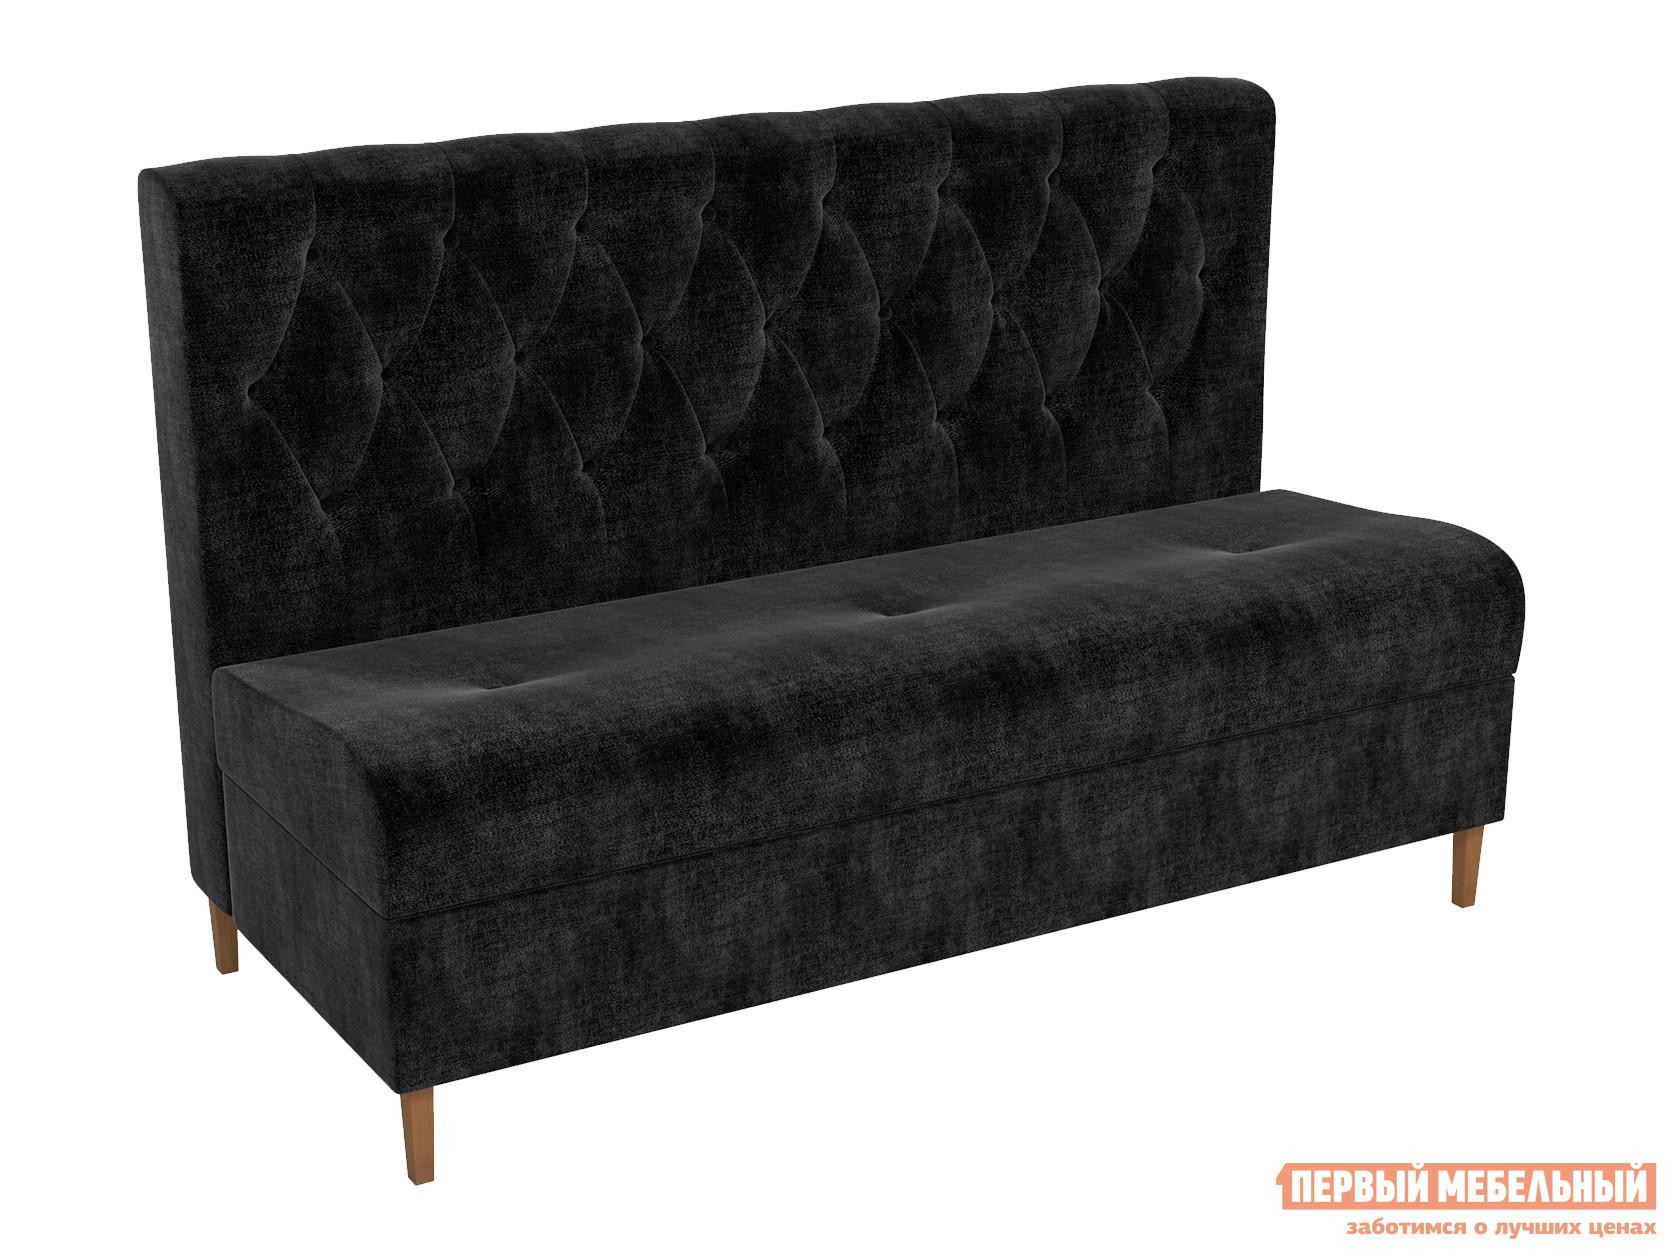 Кухонный диван Мебелико Диван Бремен